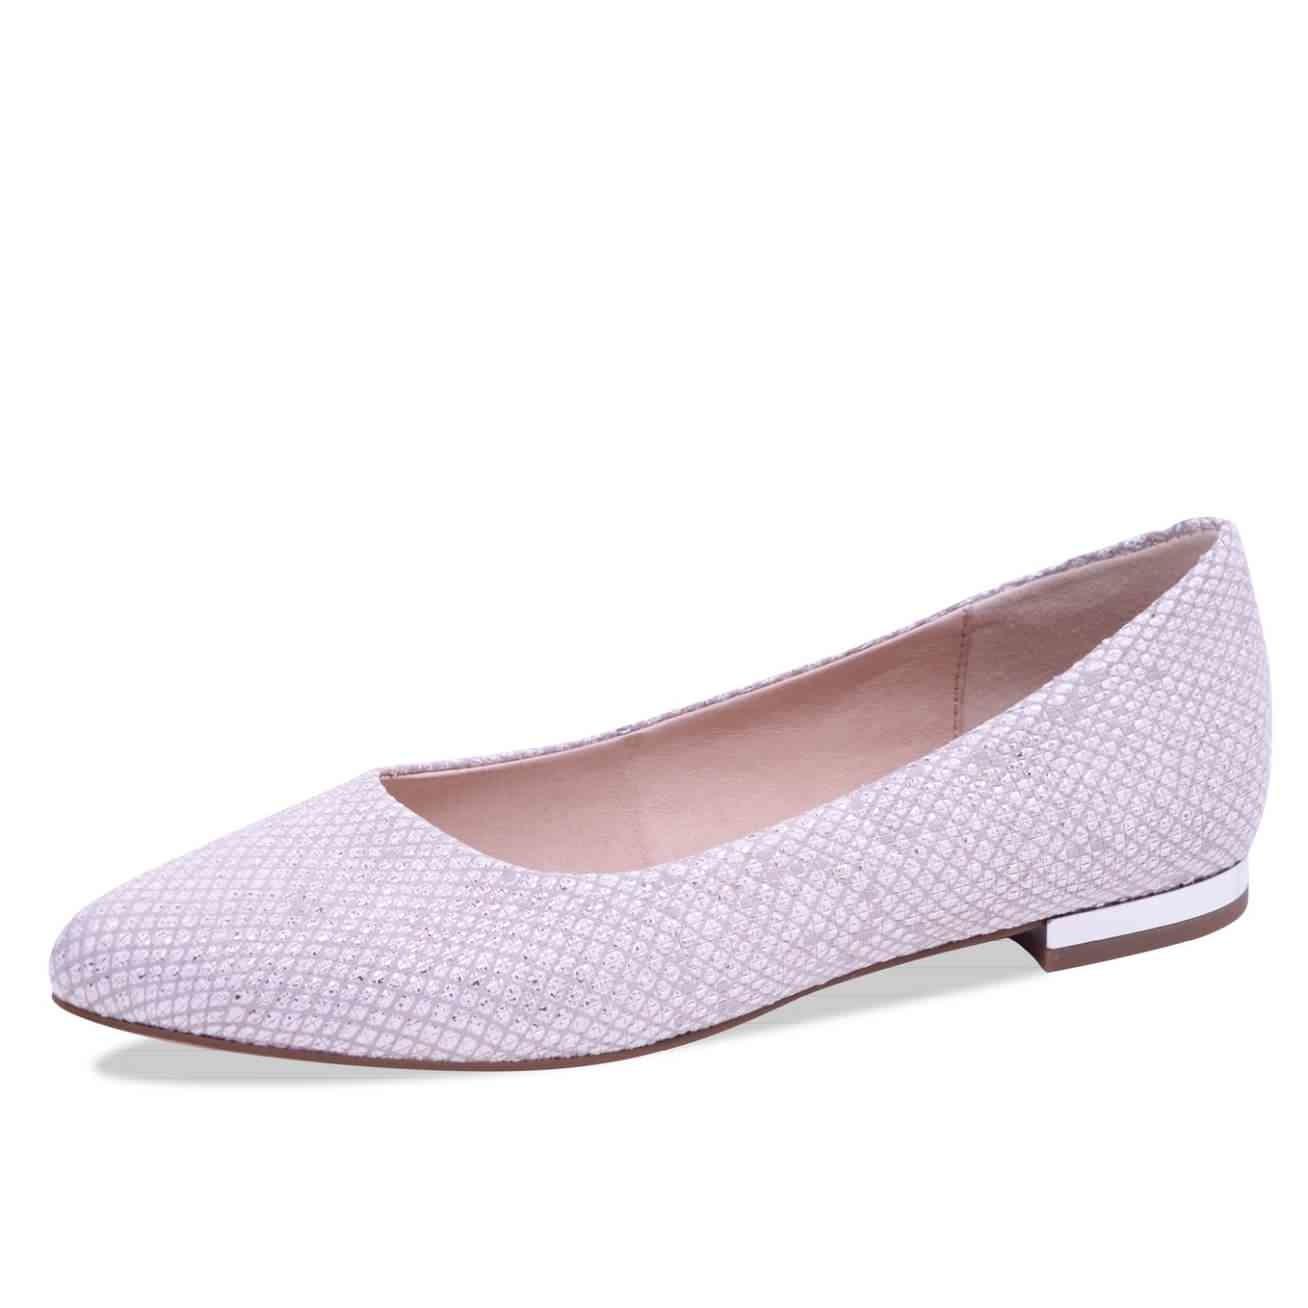 9a7dc898ae Soňa - Dámska obuv - Baleríny - Dámska balerína značky Caprice